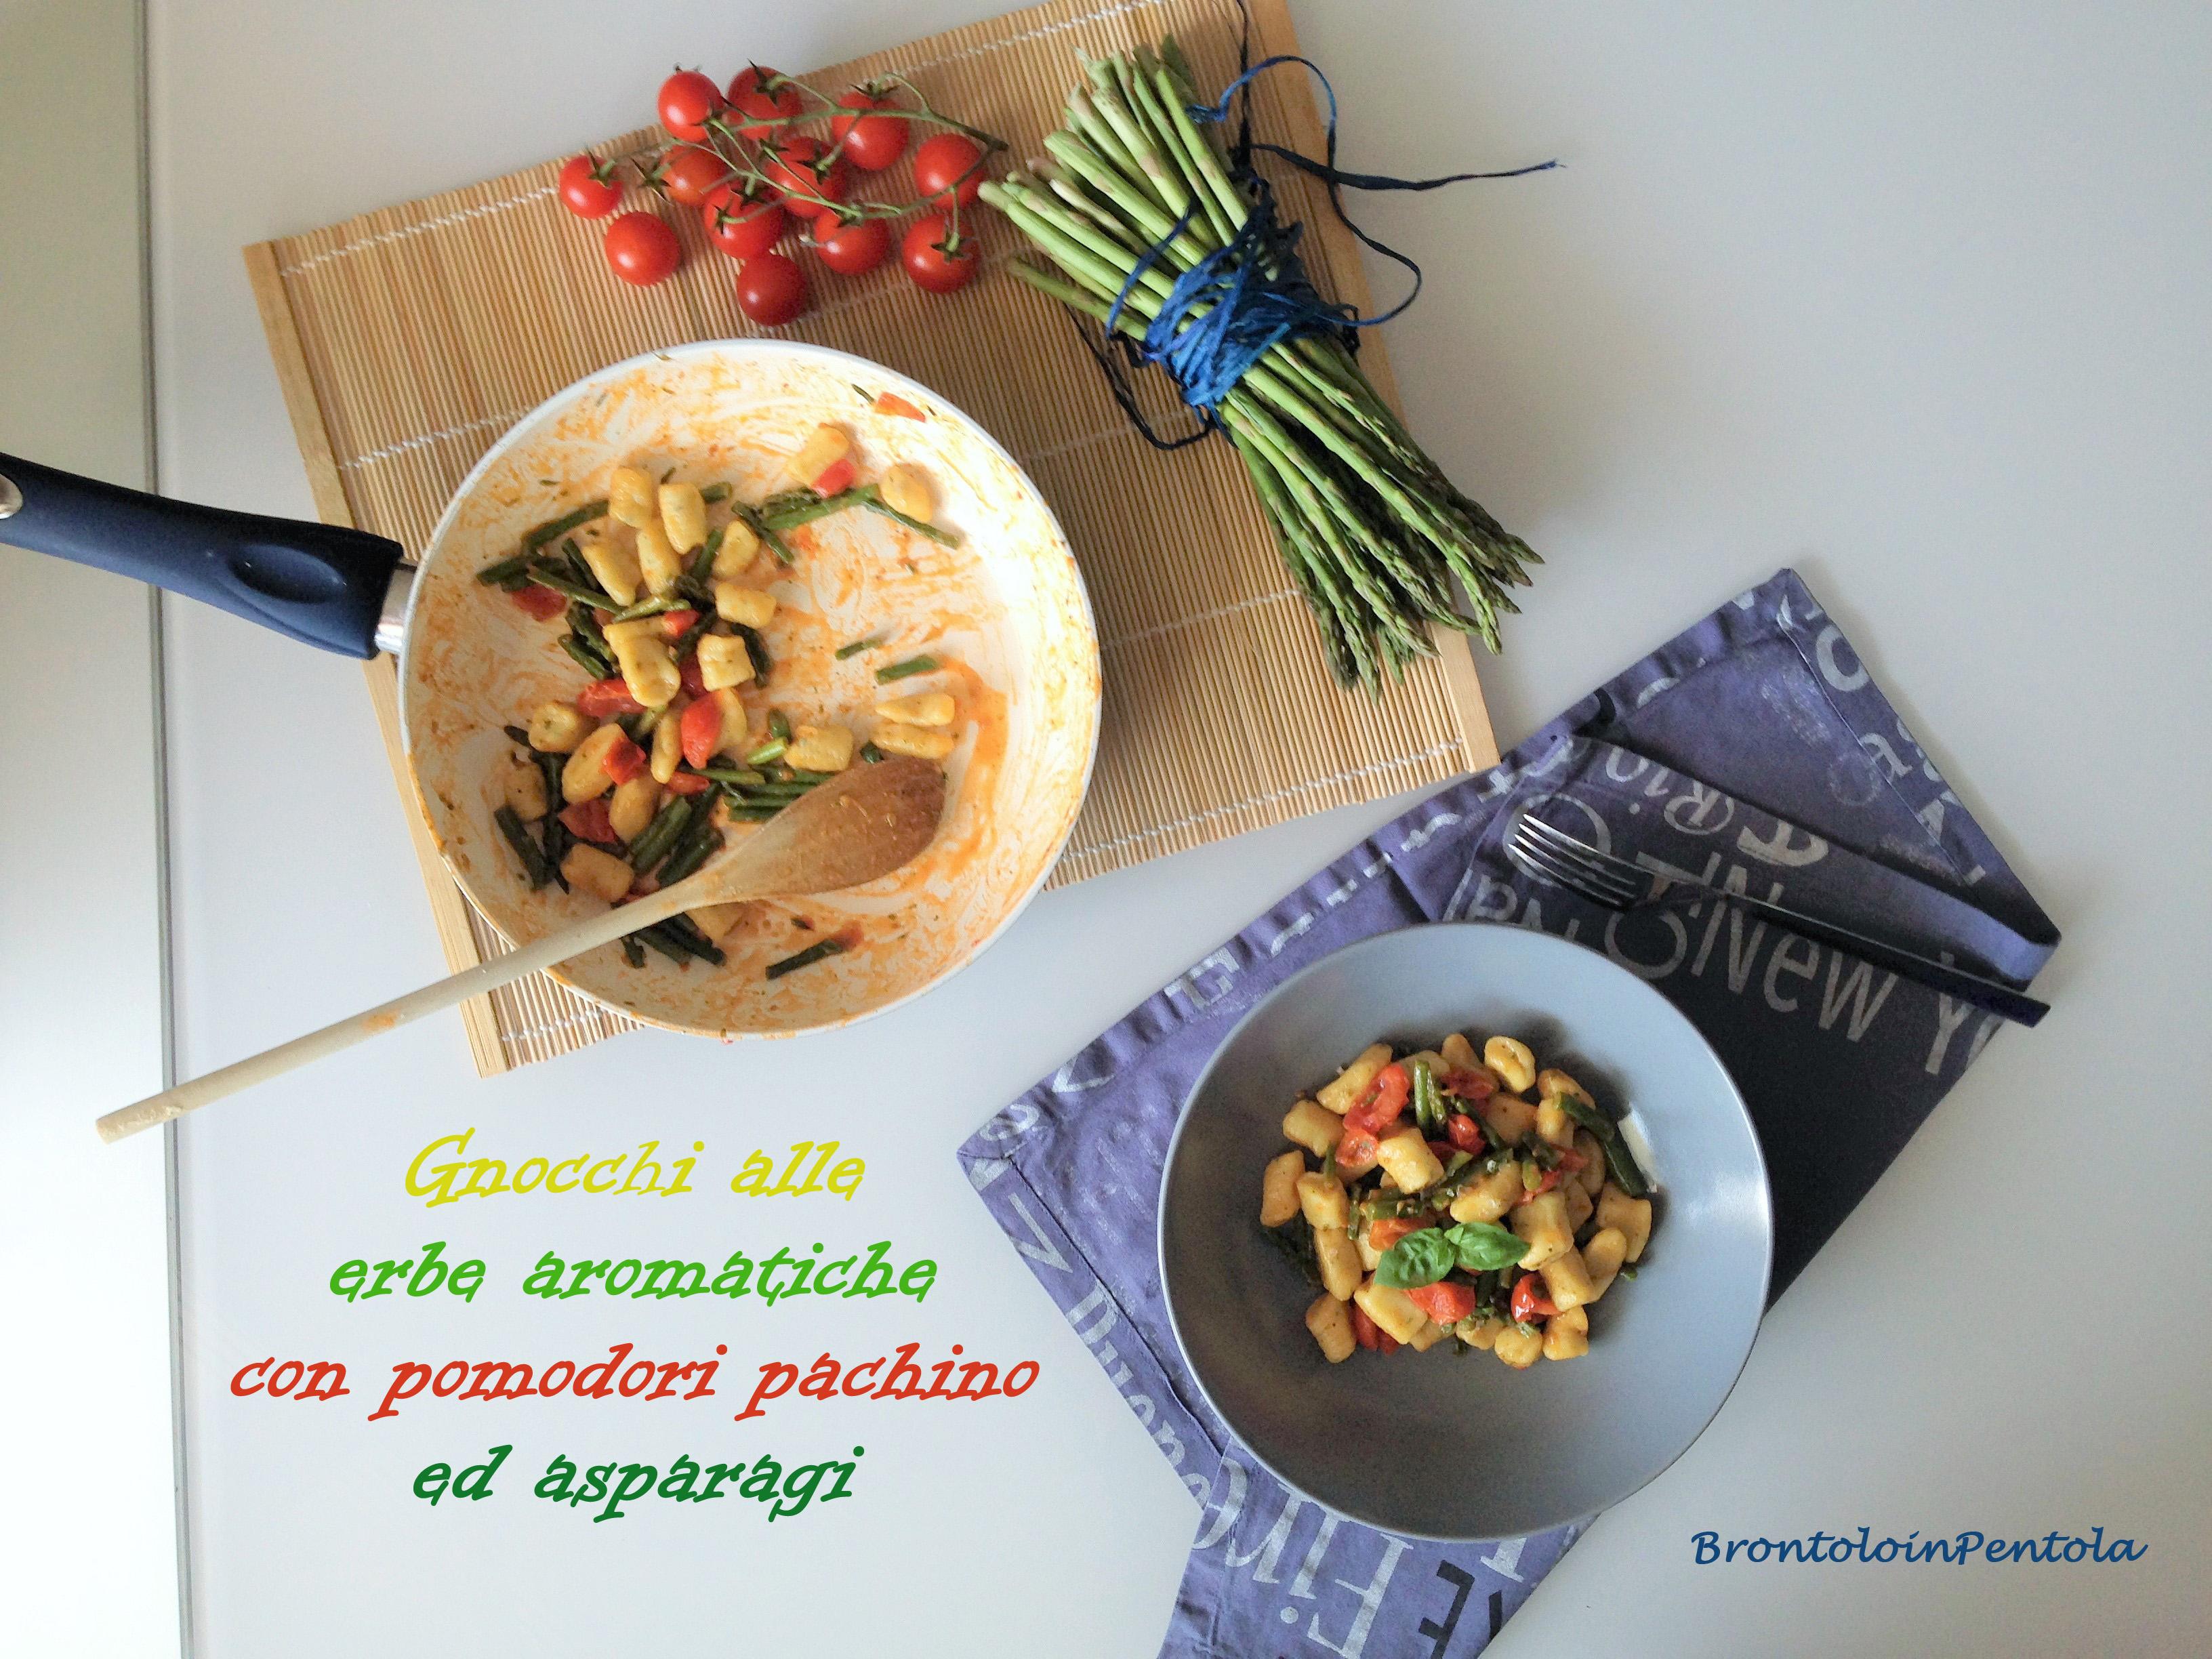 img_27231 Gnocchi alle erbe aromatiche con pomodori pachino ed asparagi